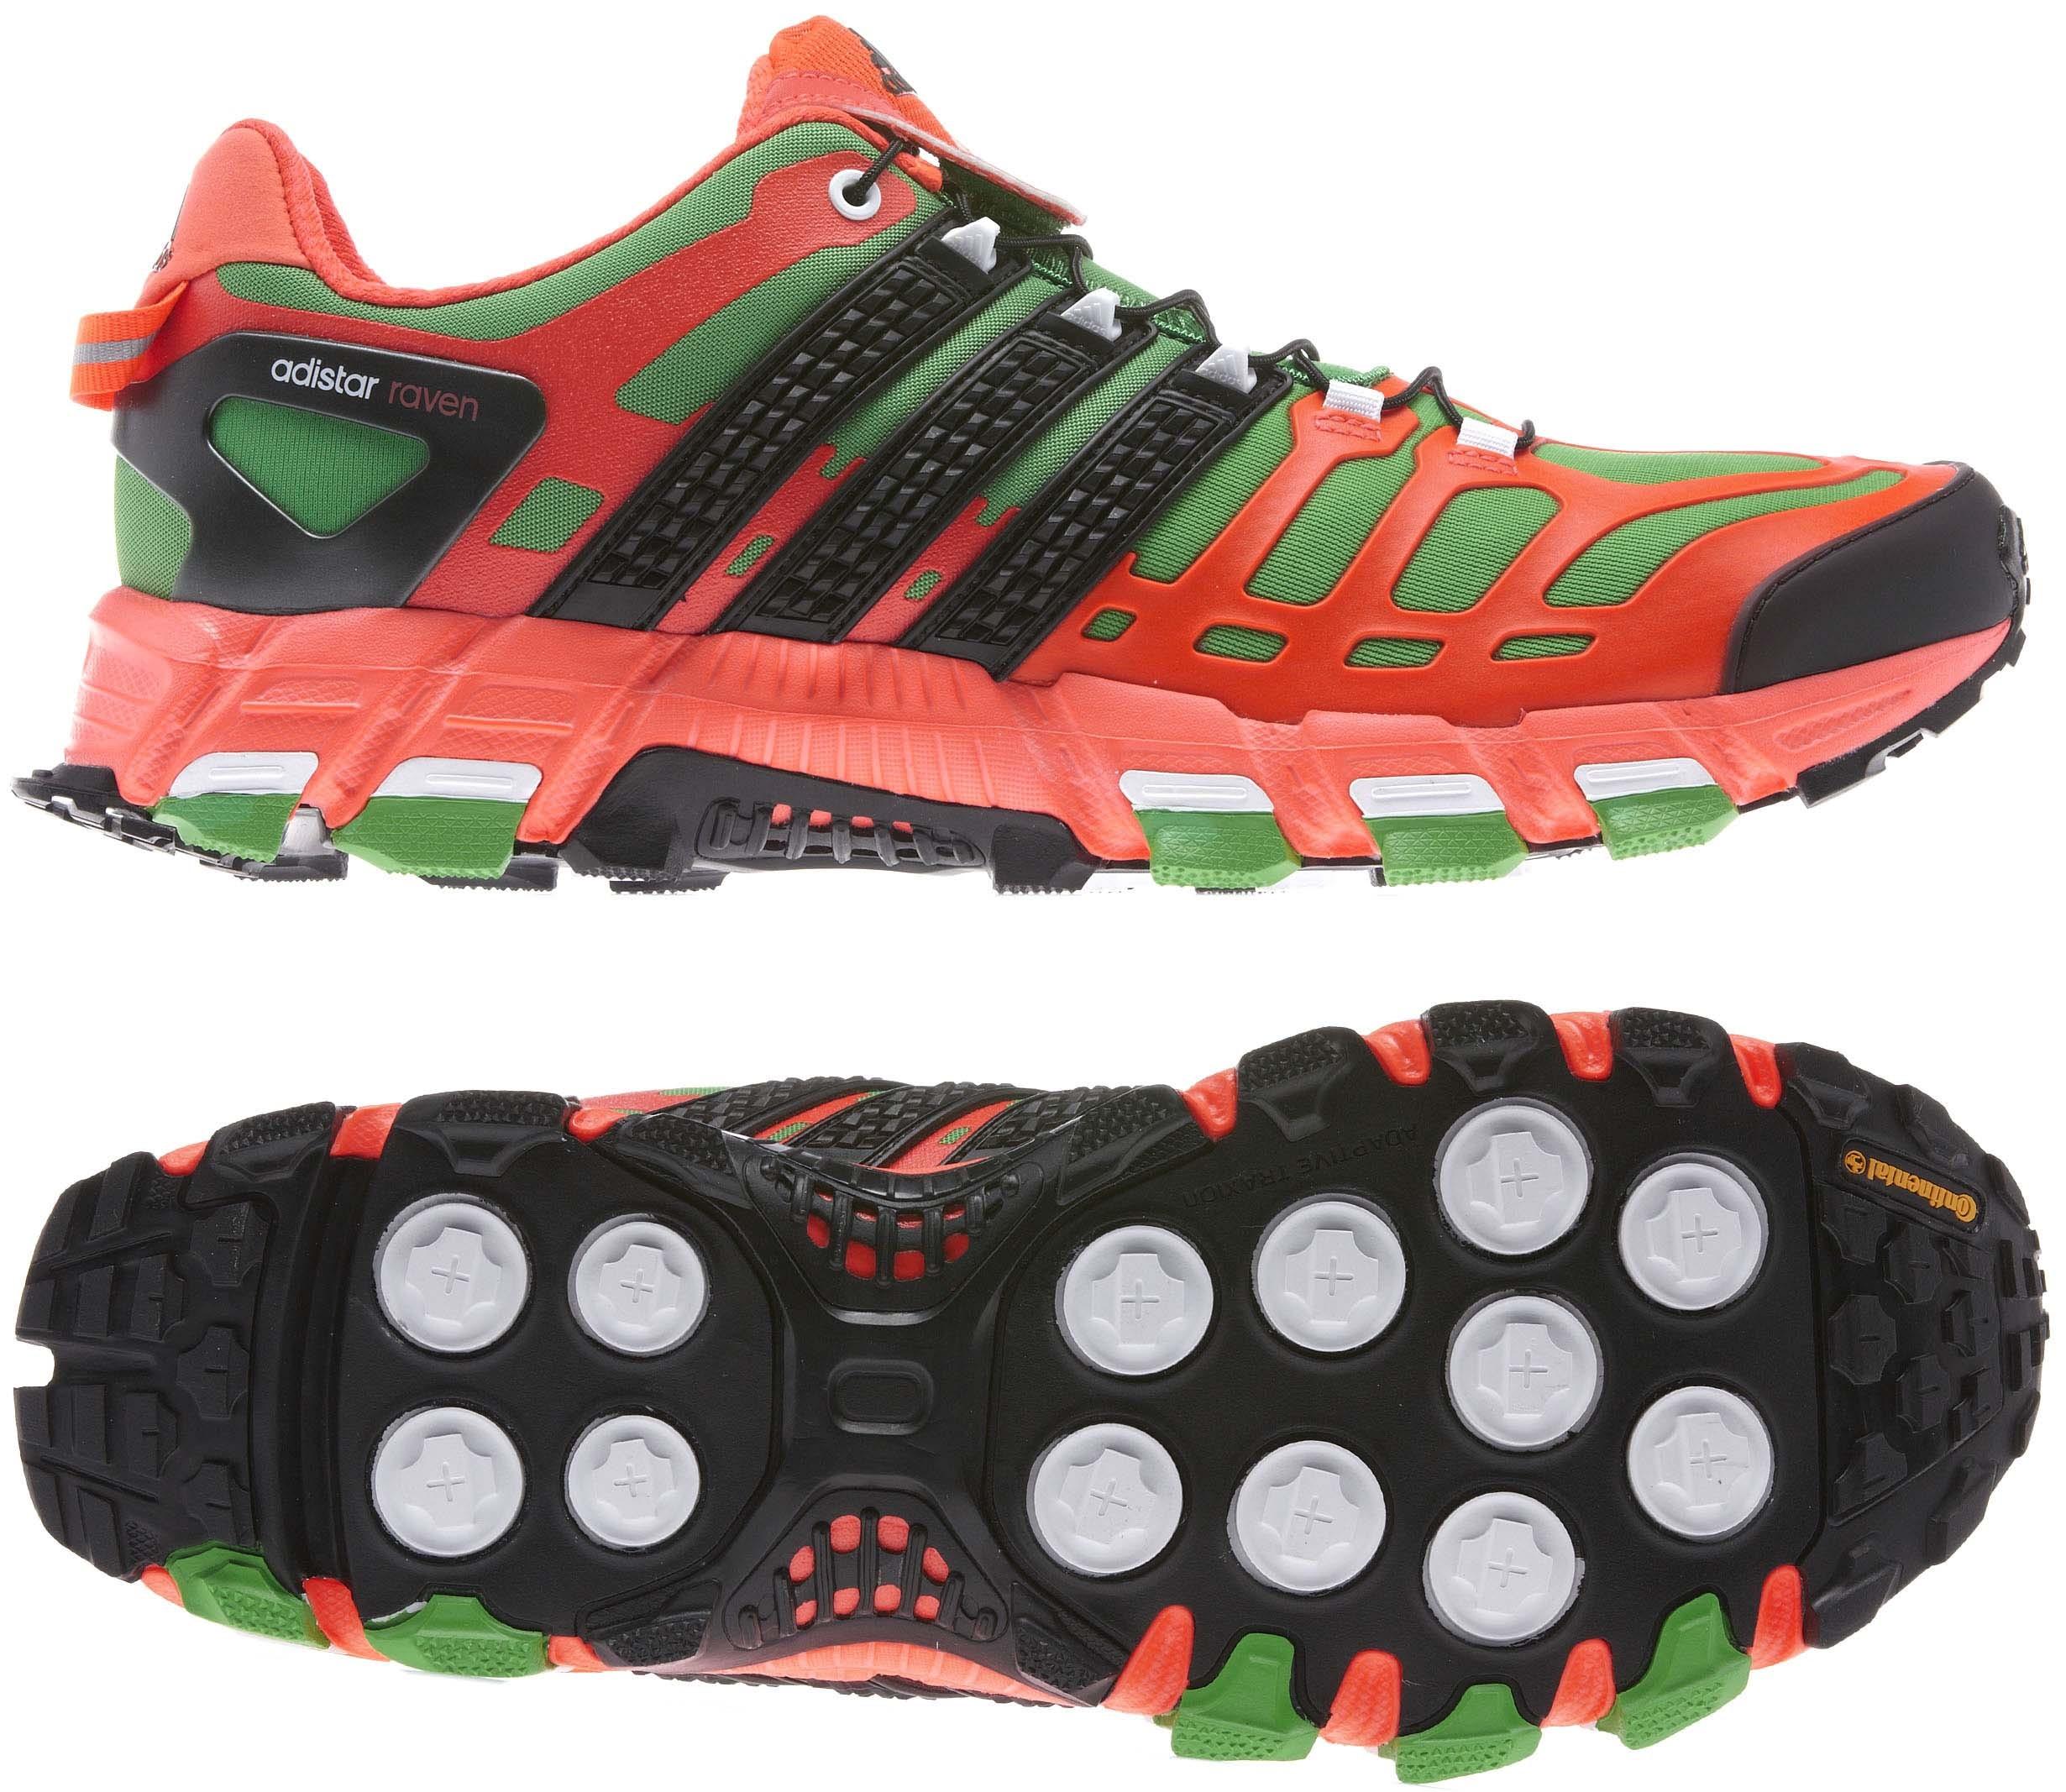 Invierno Nuevas Trail Adidas De 2013 Para Zapatillas Otoño VUMSzp